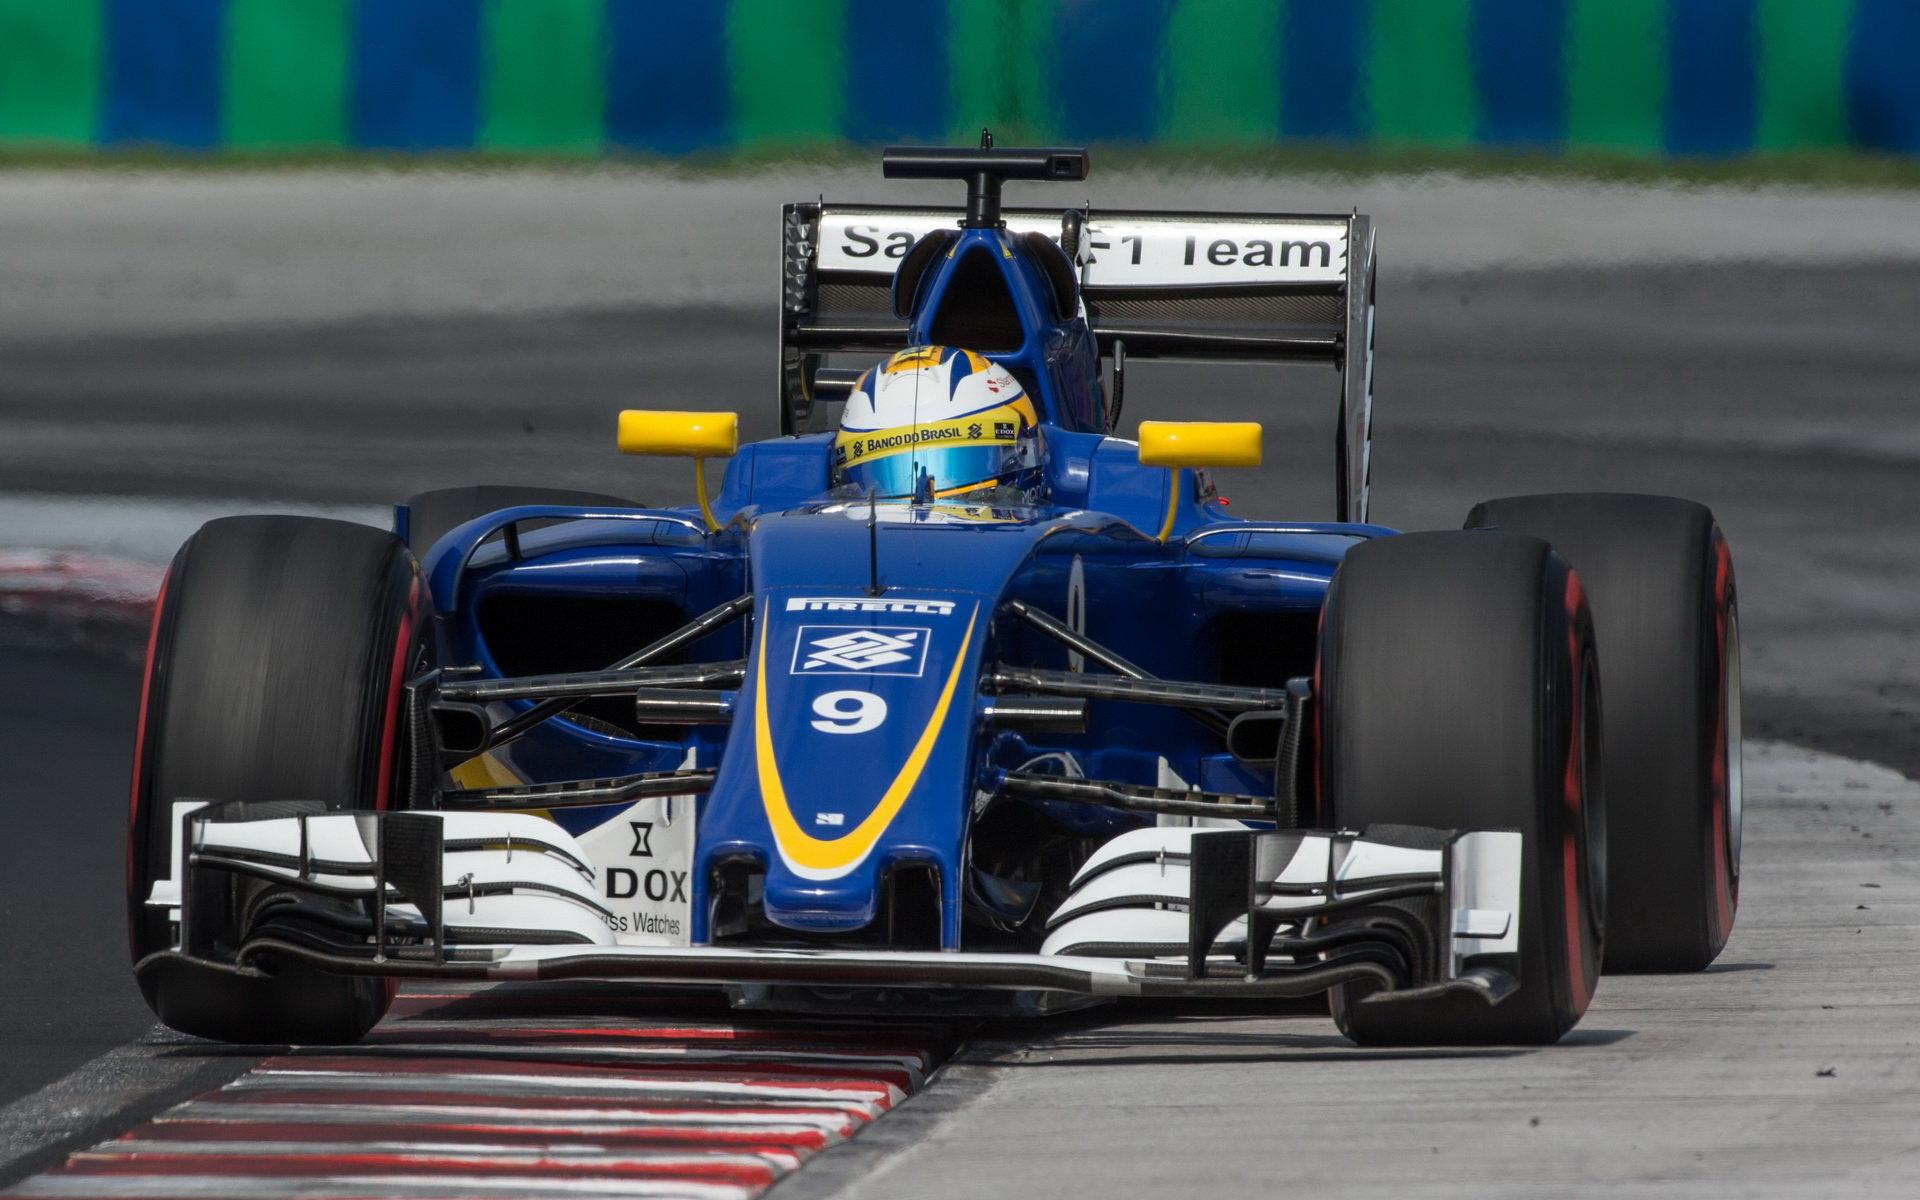 Vedle Hamiltona bude dalším potrestaným Ericsson - anotační obrázek